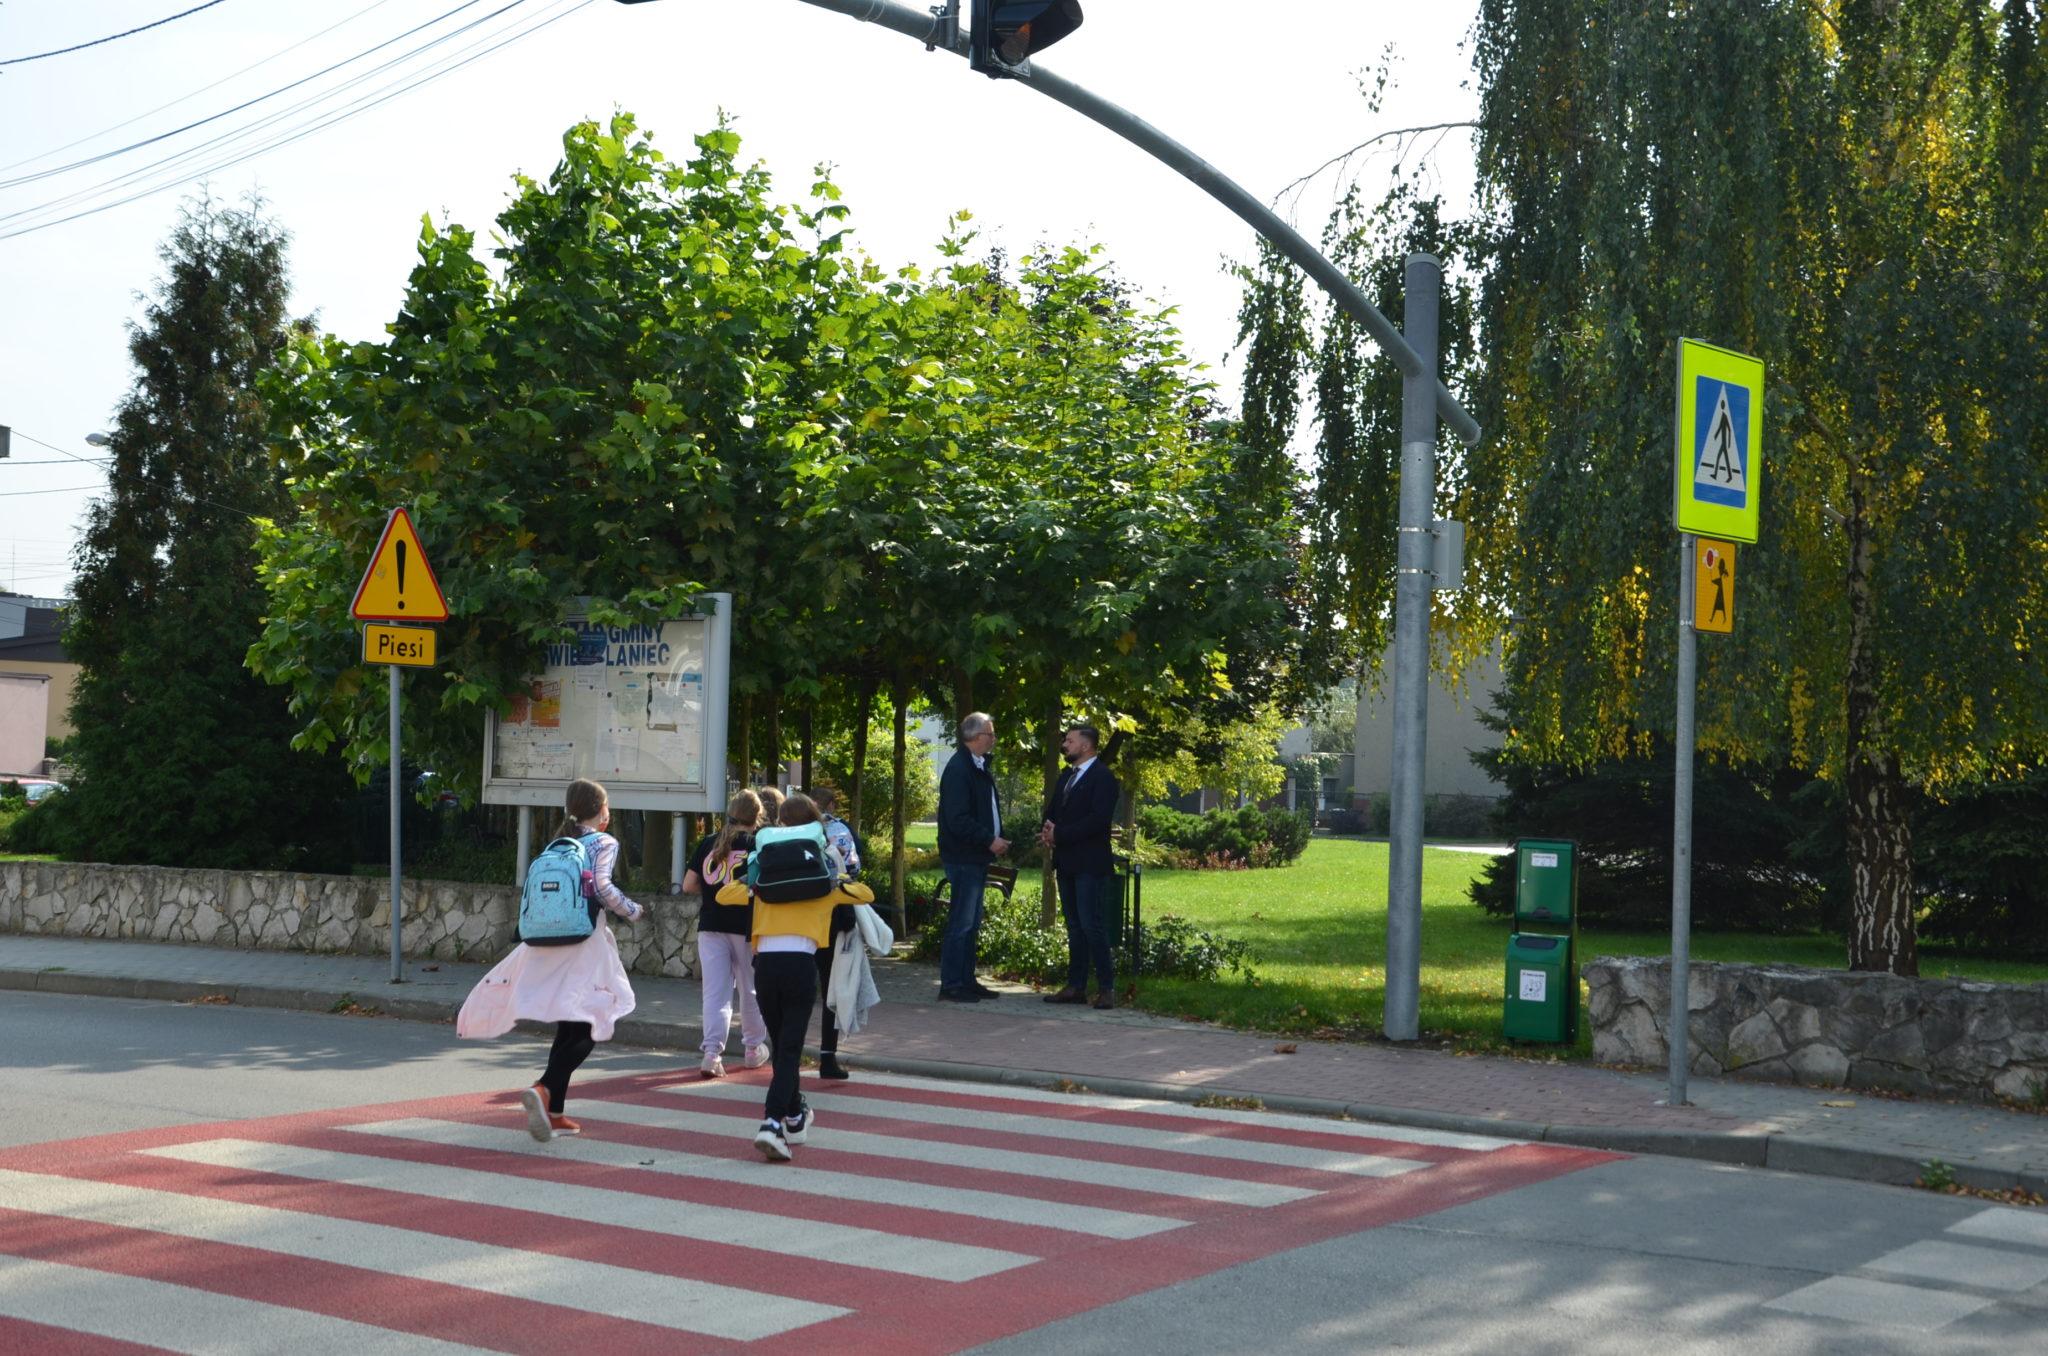 dzieci przechodzą przez przejście dla pieszych